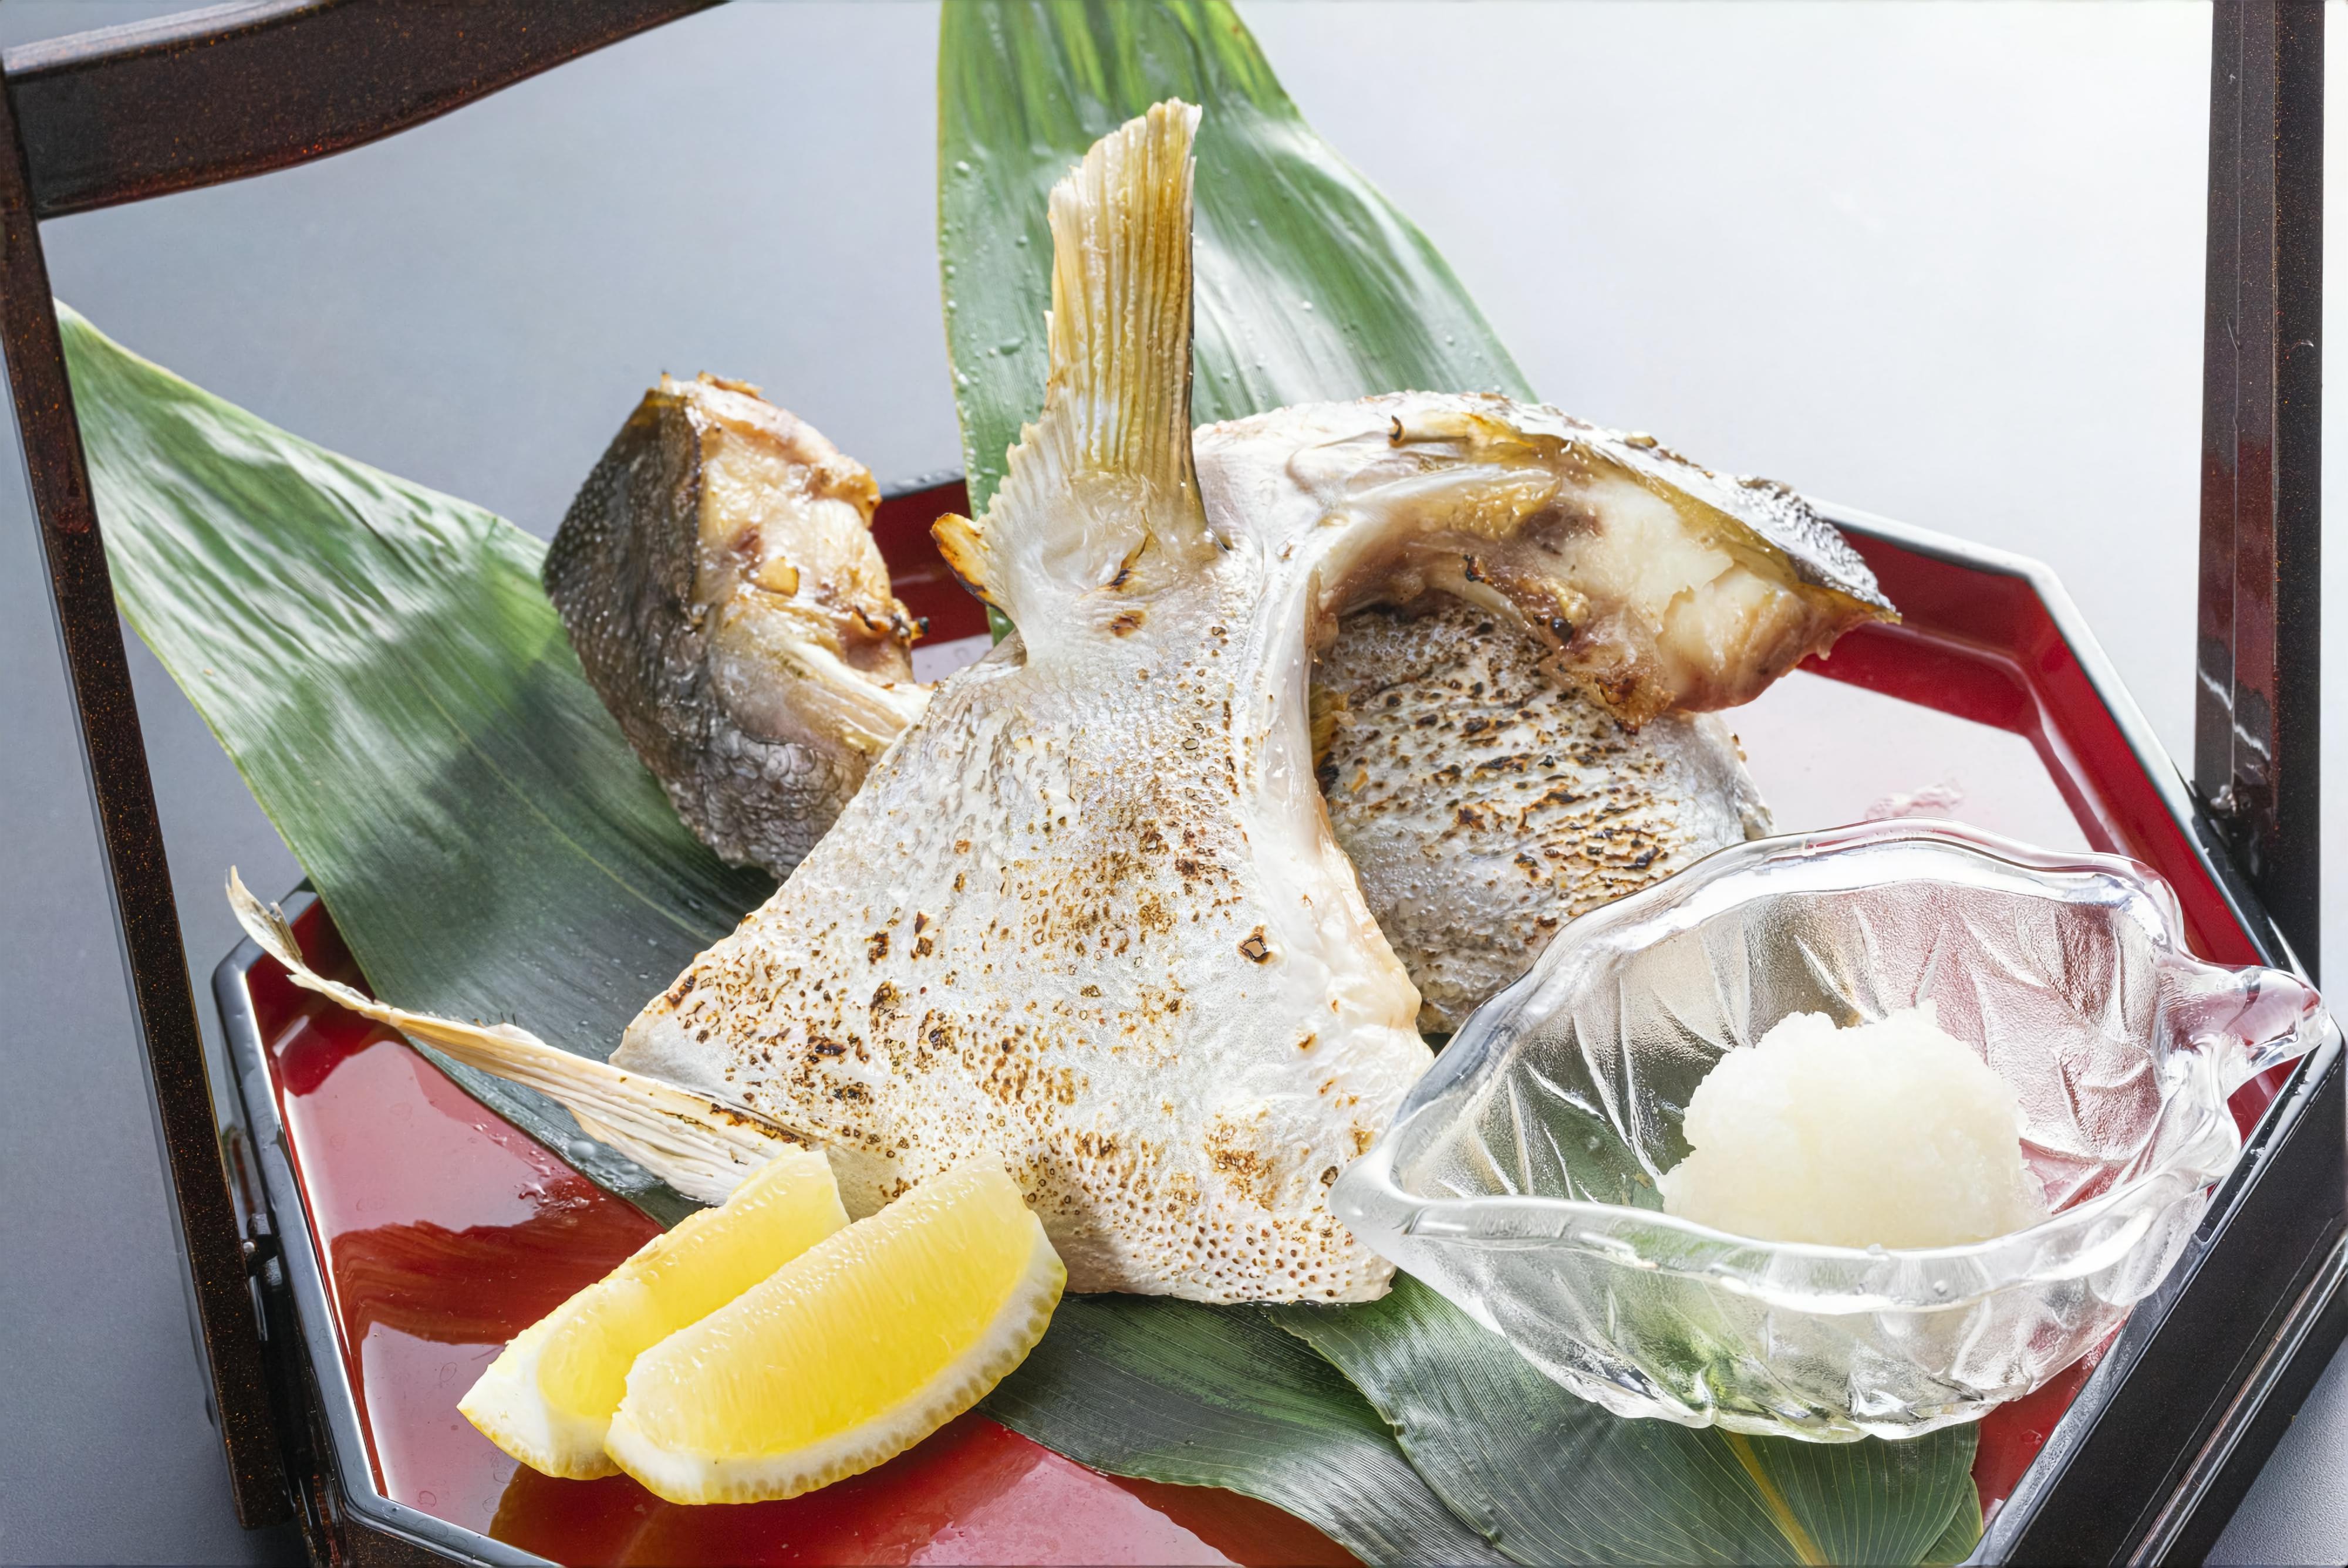 """★数量限定別注料理「カンパチの""""カマ""""塩焼き」<br /> <br /> """"カマ""""はお魚のエラの後ろの胸ビレ辺りの部位を指し、身が締まっていて身質がとっても良い部分です。<br /> カンパチの""""カマ""""を塩焼きにして、魚の旨味をぎゅっととじ込めました。<br /> <br /> ■価格:1人前 1,800円(税サ込)<br /> <br /> ■限定30皿<br /> ※数量限定の為、数に達した場合ご注文をお断りさせていただくことがございます。予めご了承ください。<br /> 事前予約はお電話にて承ります。ご注文、お待ちいたしております!<br />"""